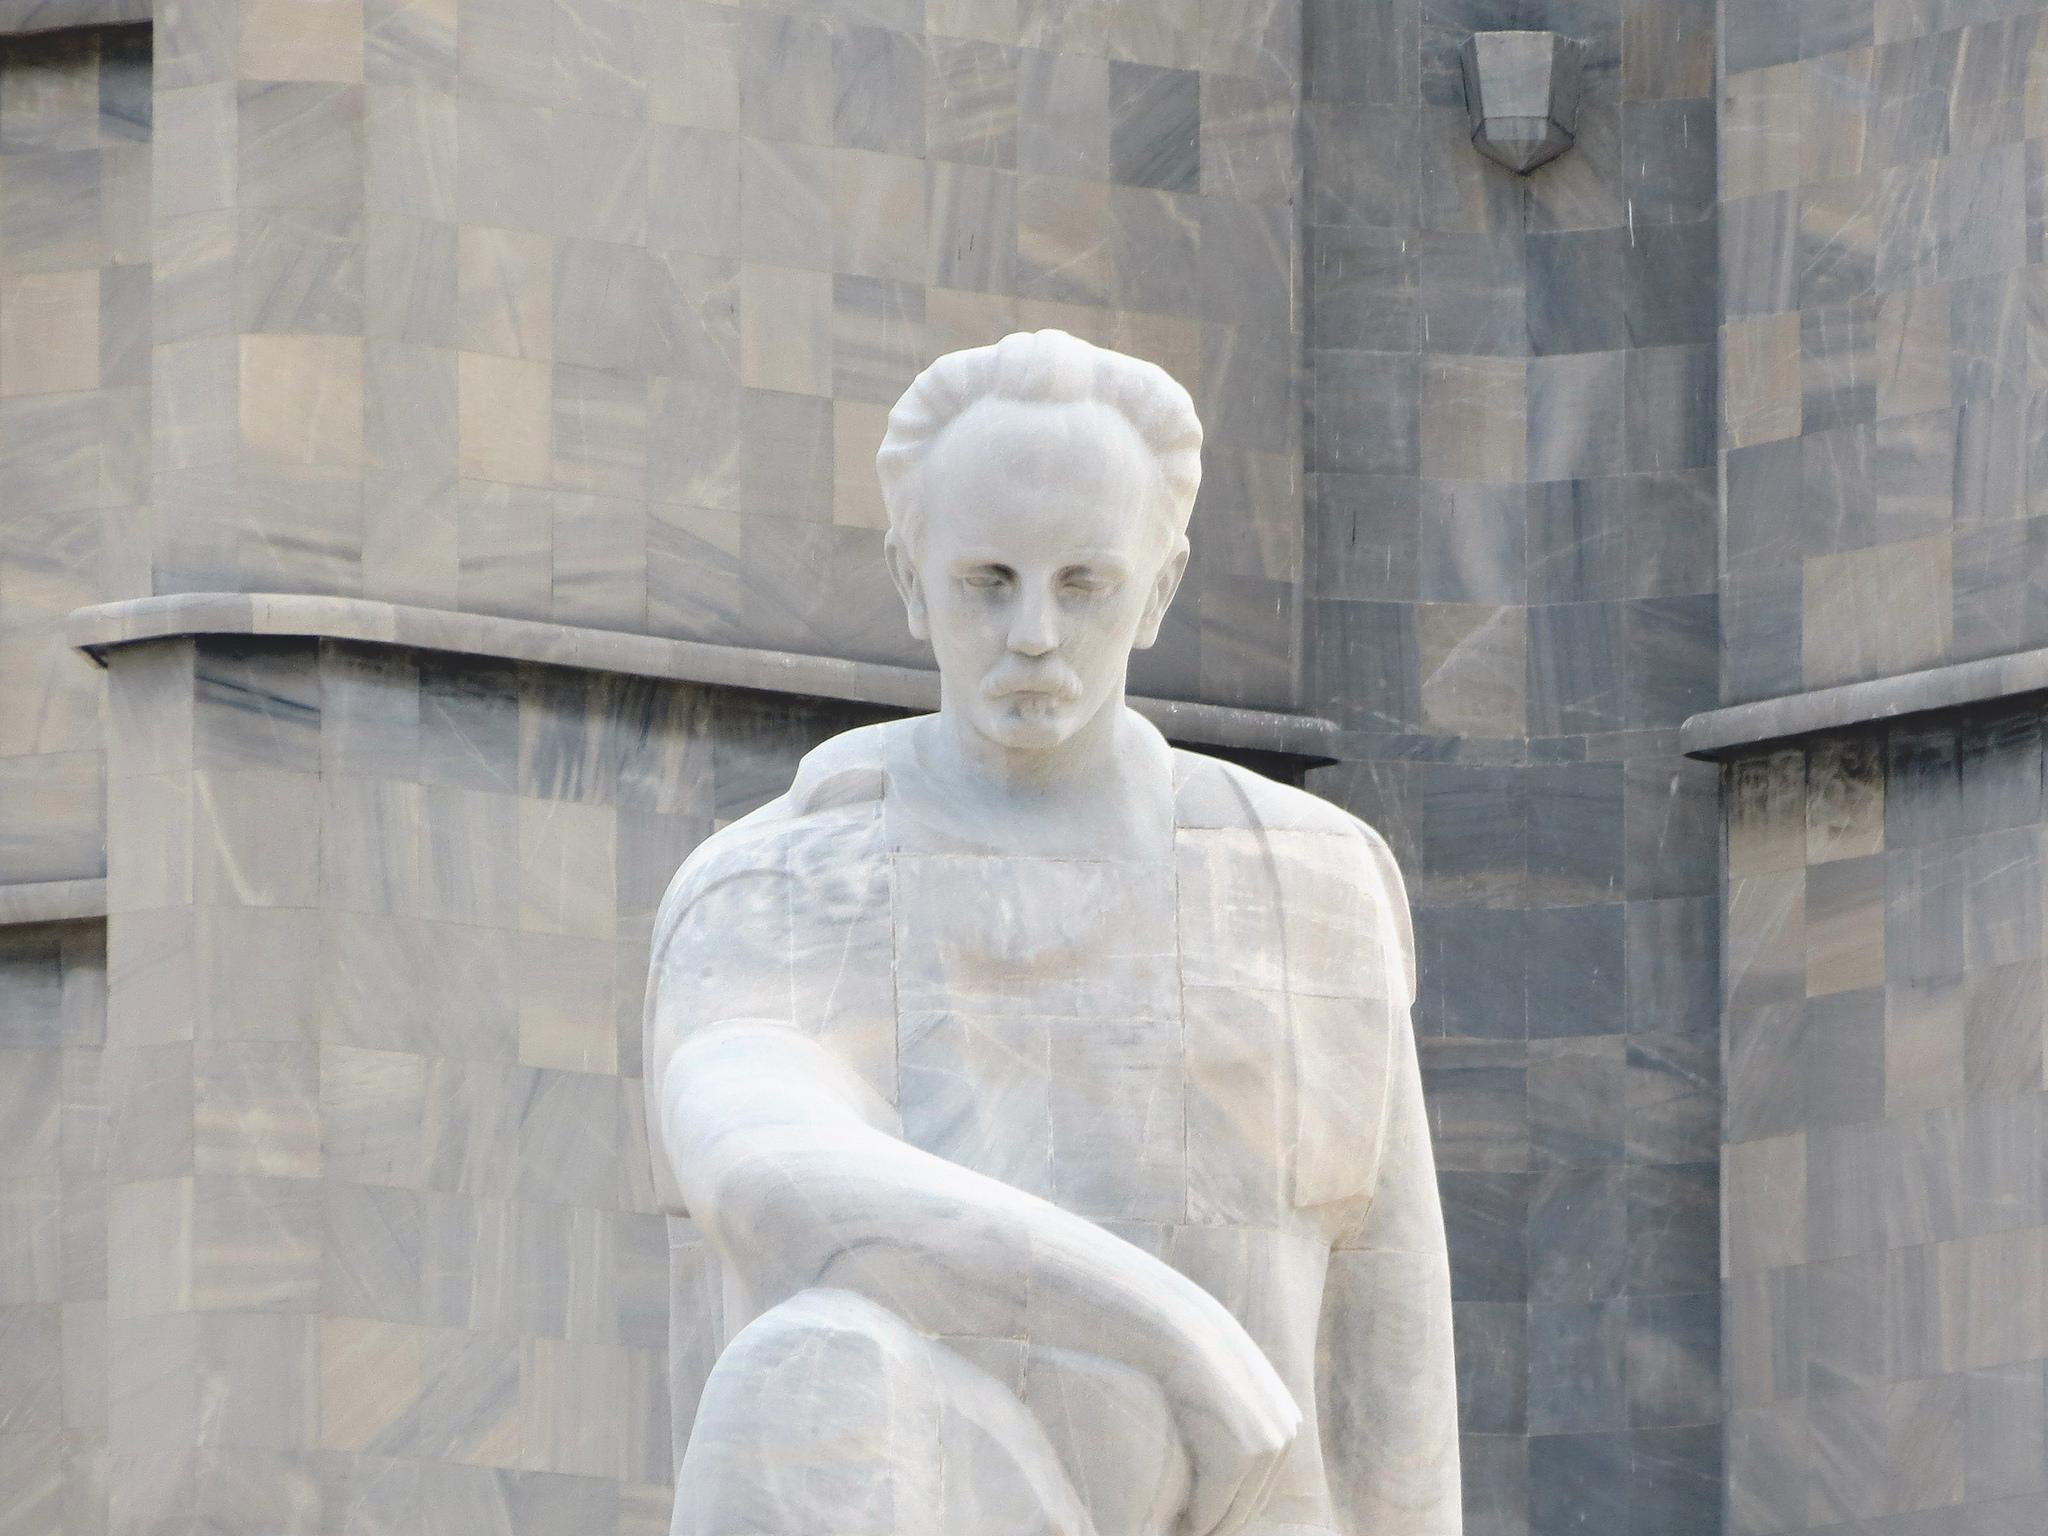 Мемориал Хосе Марти, фрагмент